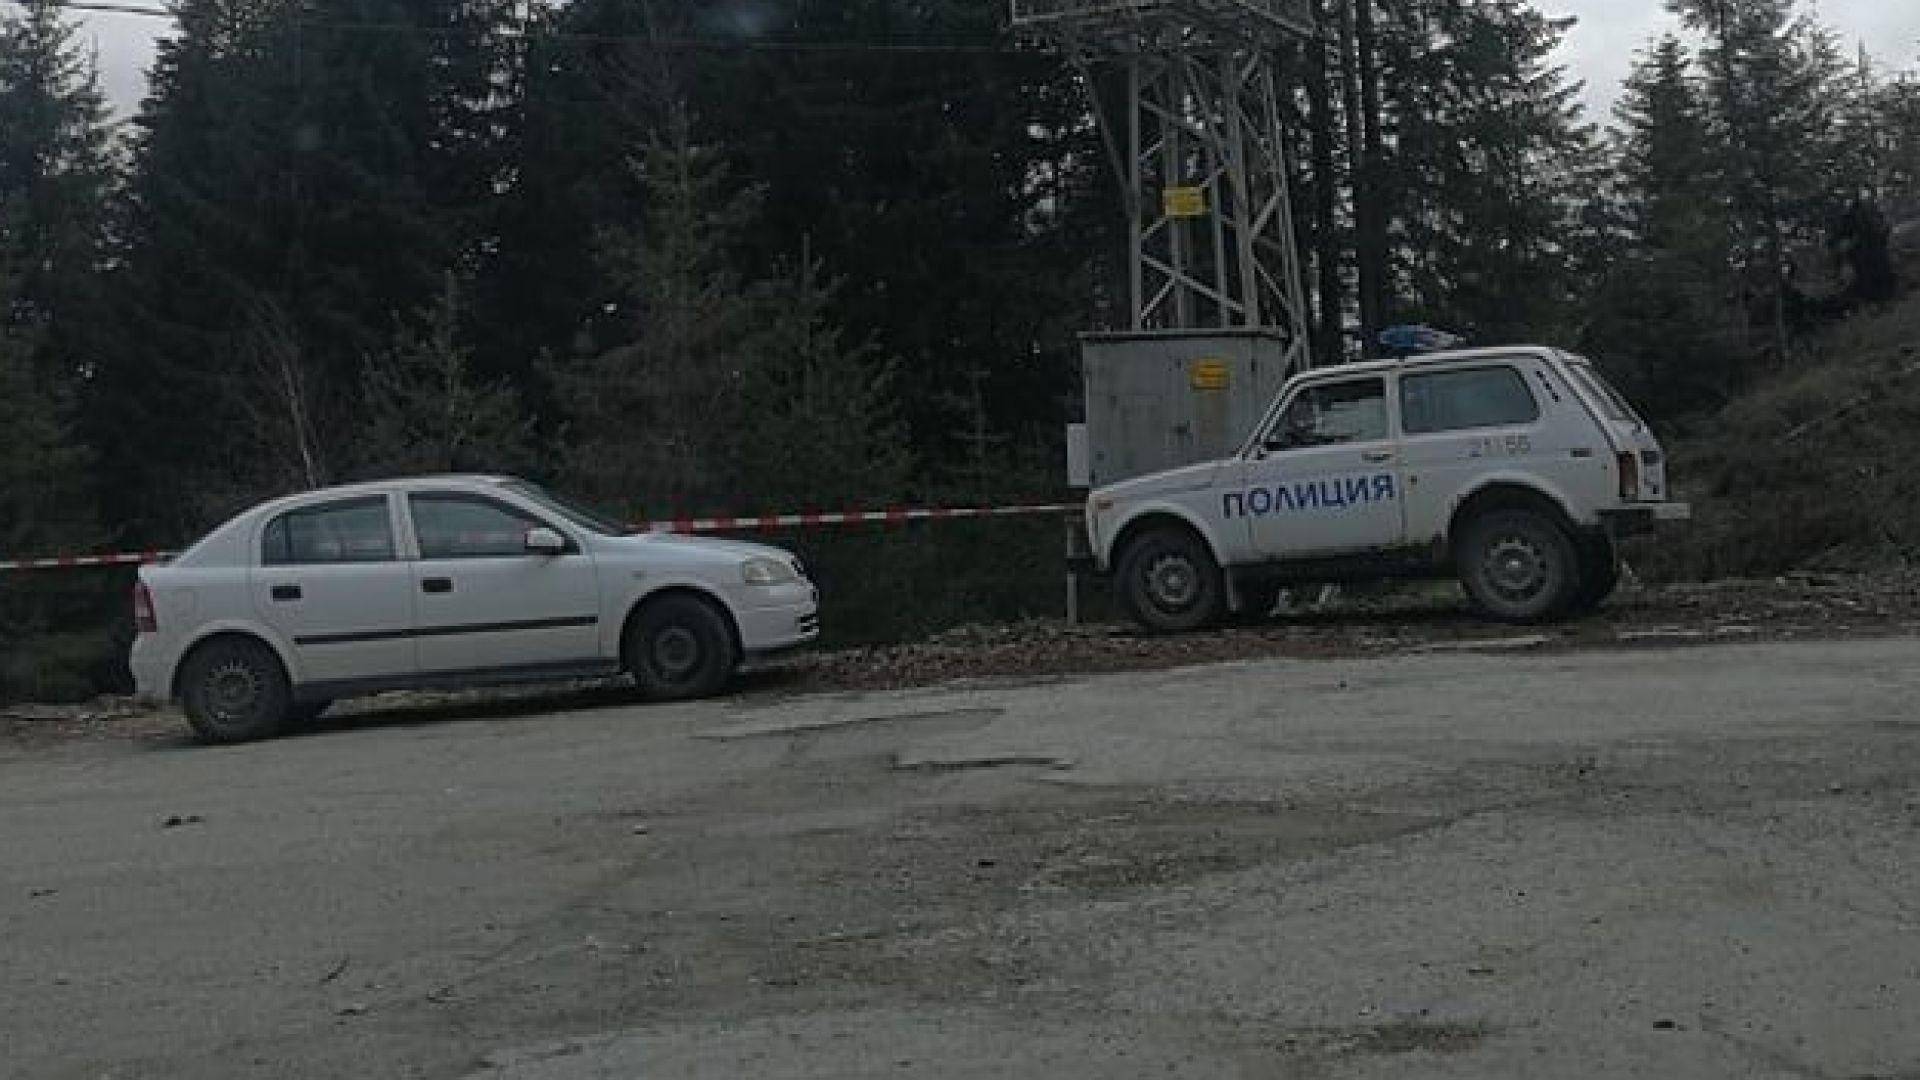 Скрит с клони труп е открит край път в Смолянско